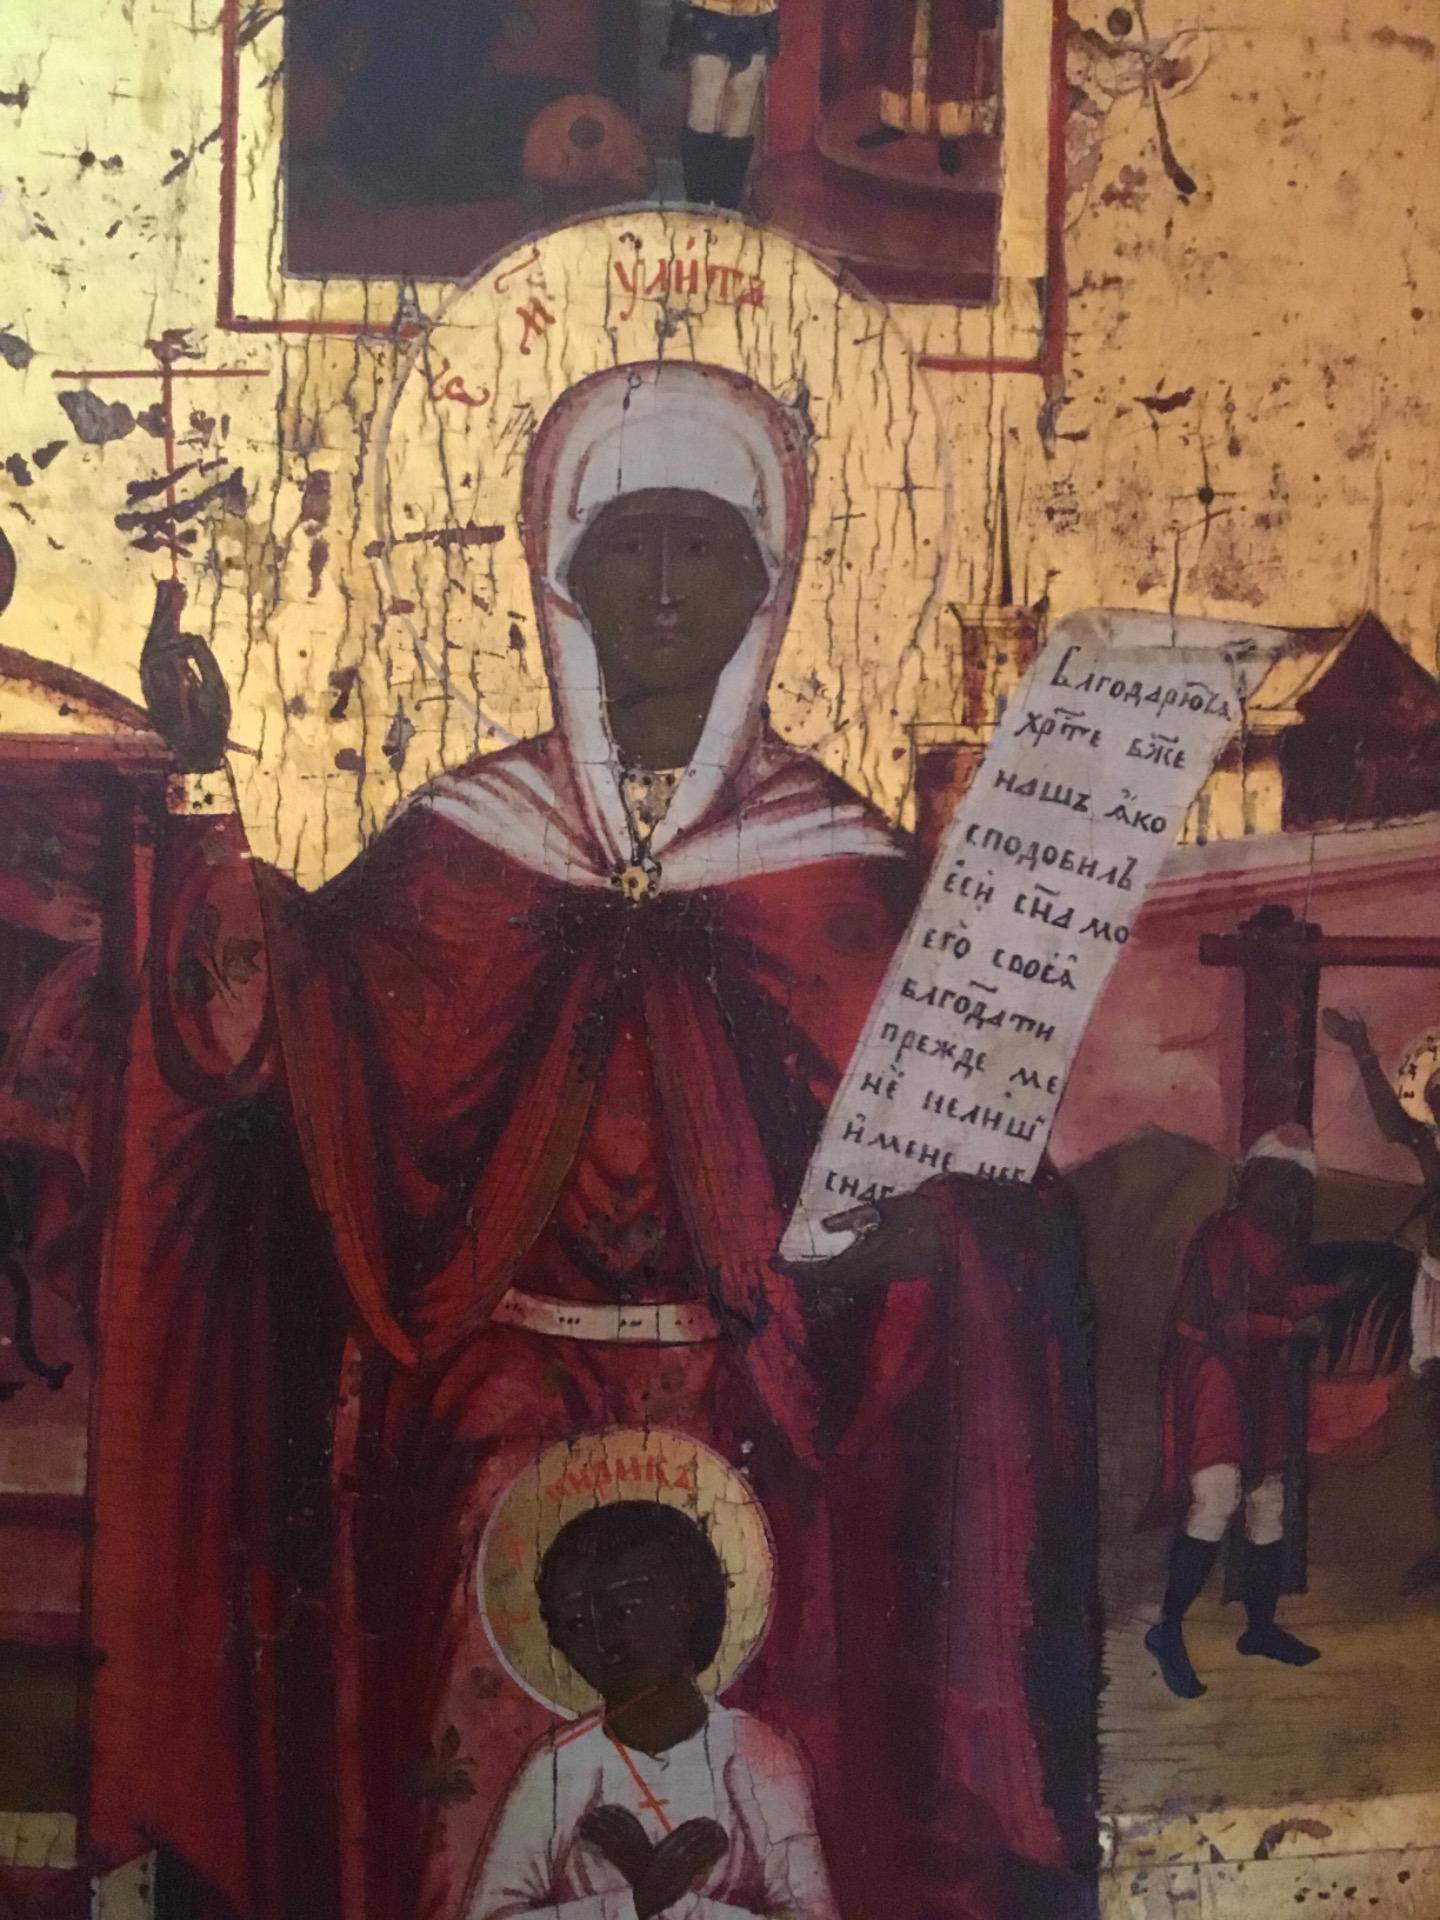 thumb2|Antica icona raffigurante vita di un santo